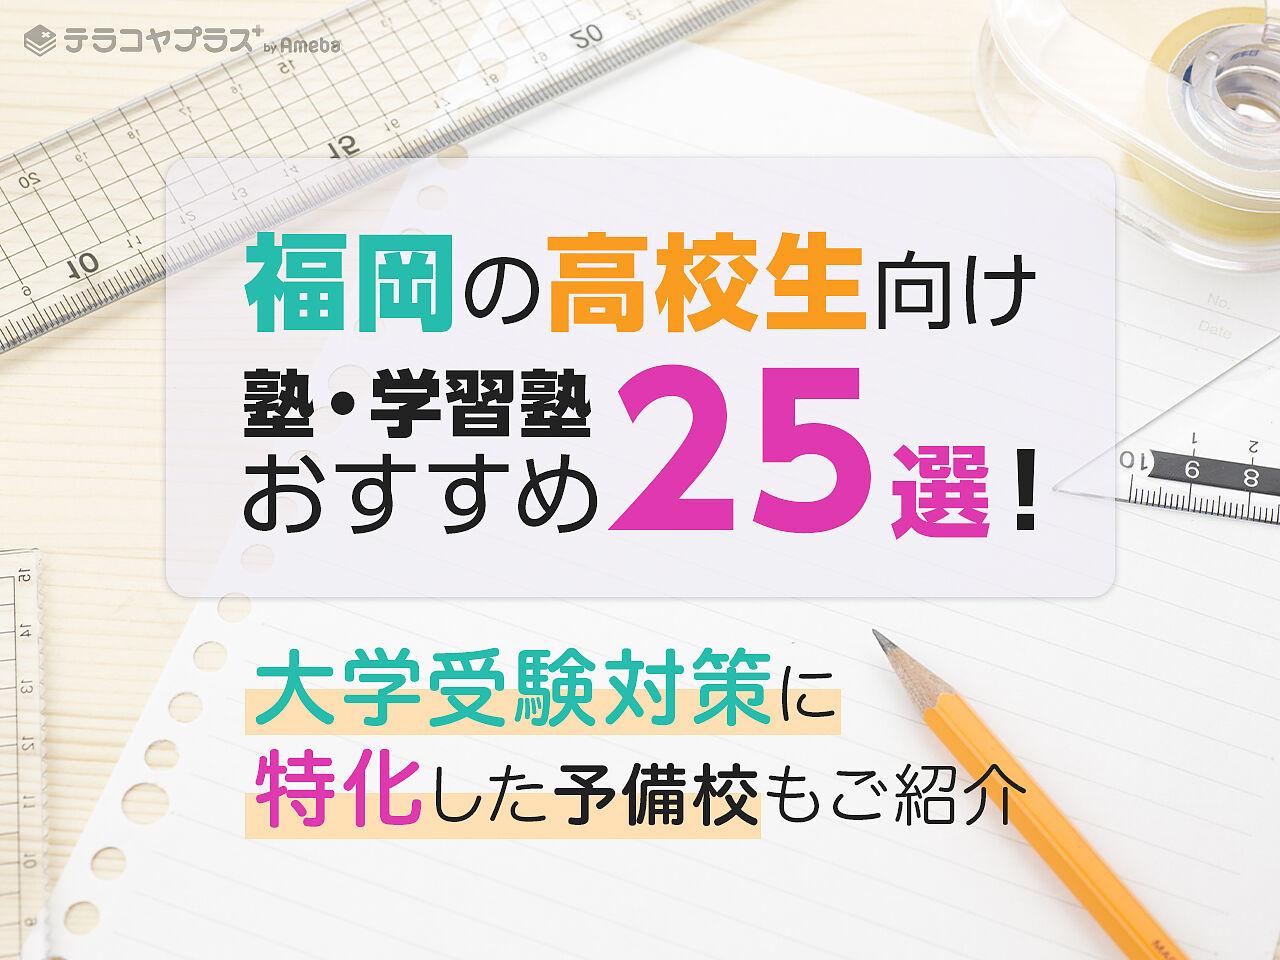 福岡の高校生向け塾・学習塾おすすめ25選!大学受験対策に特化した予備校もご紹介の画像